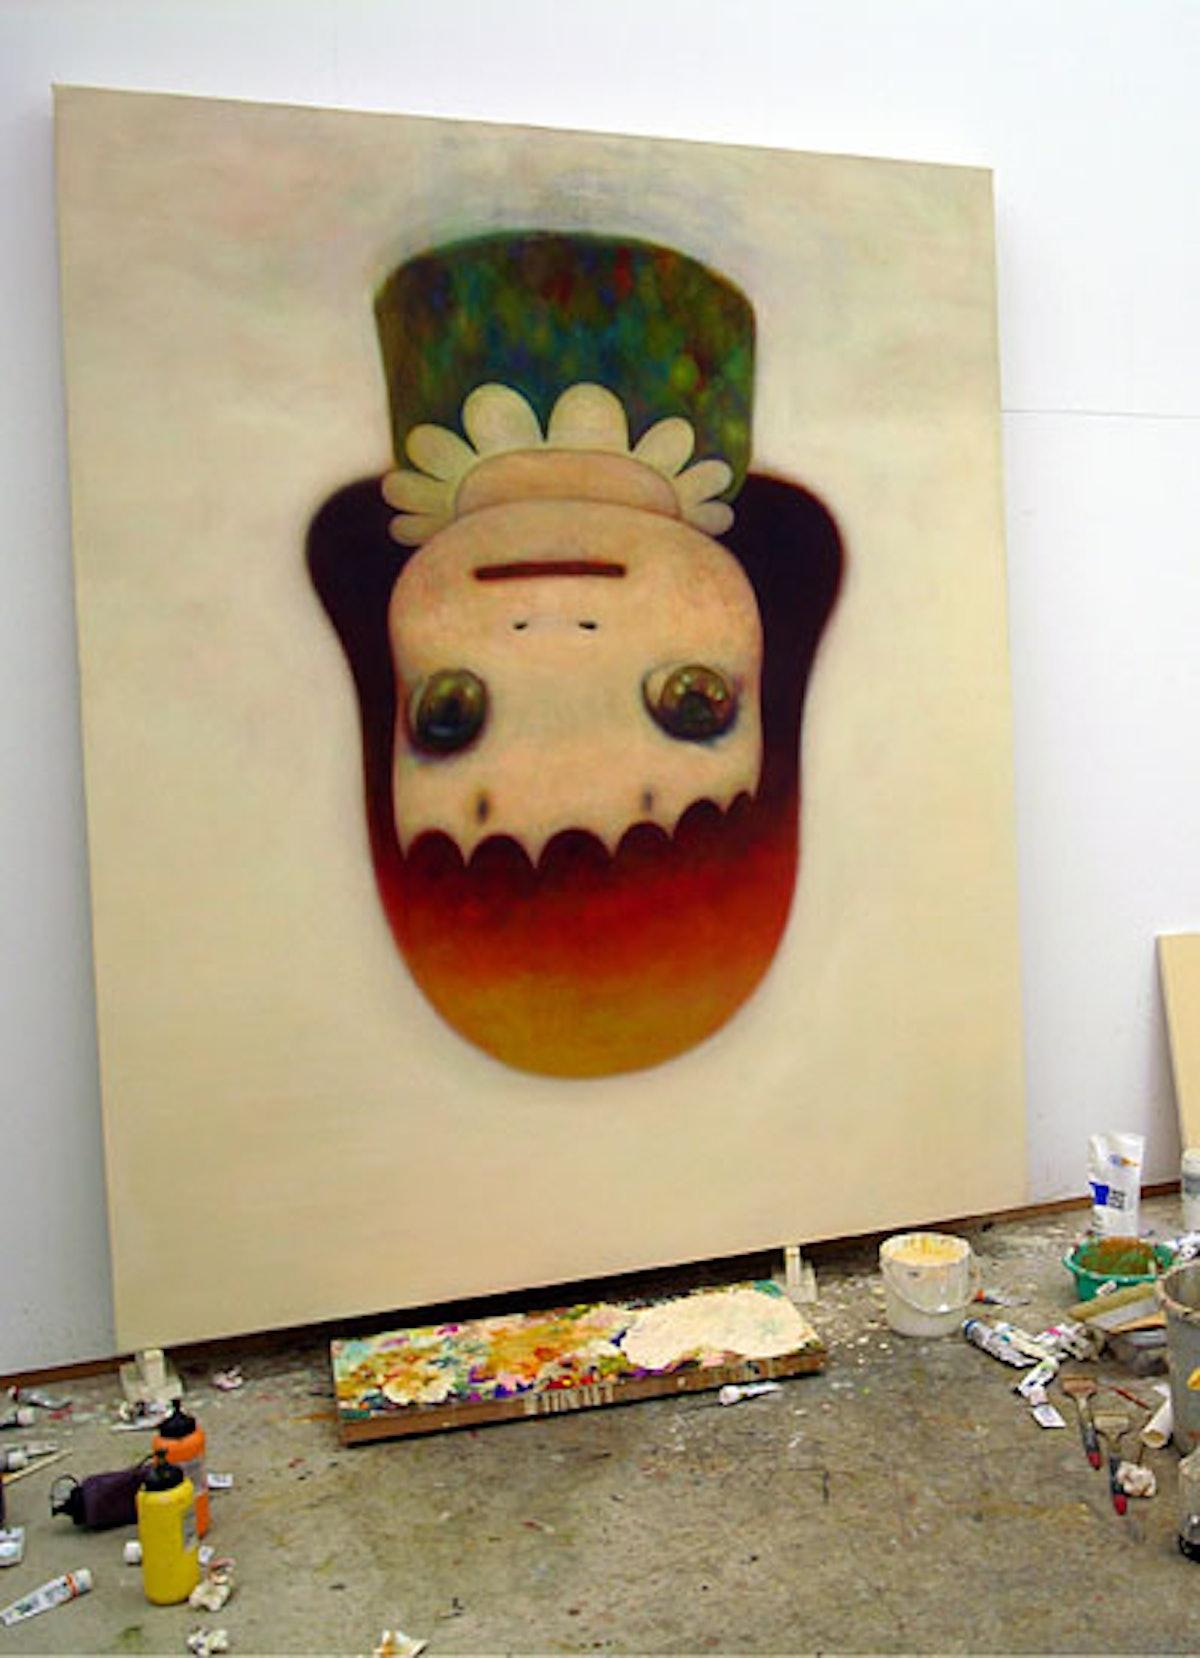 arss-yoshitomo-nara-japanese-artist-09-v.jpg